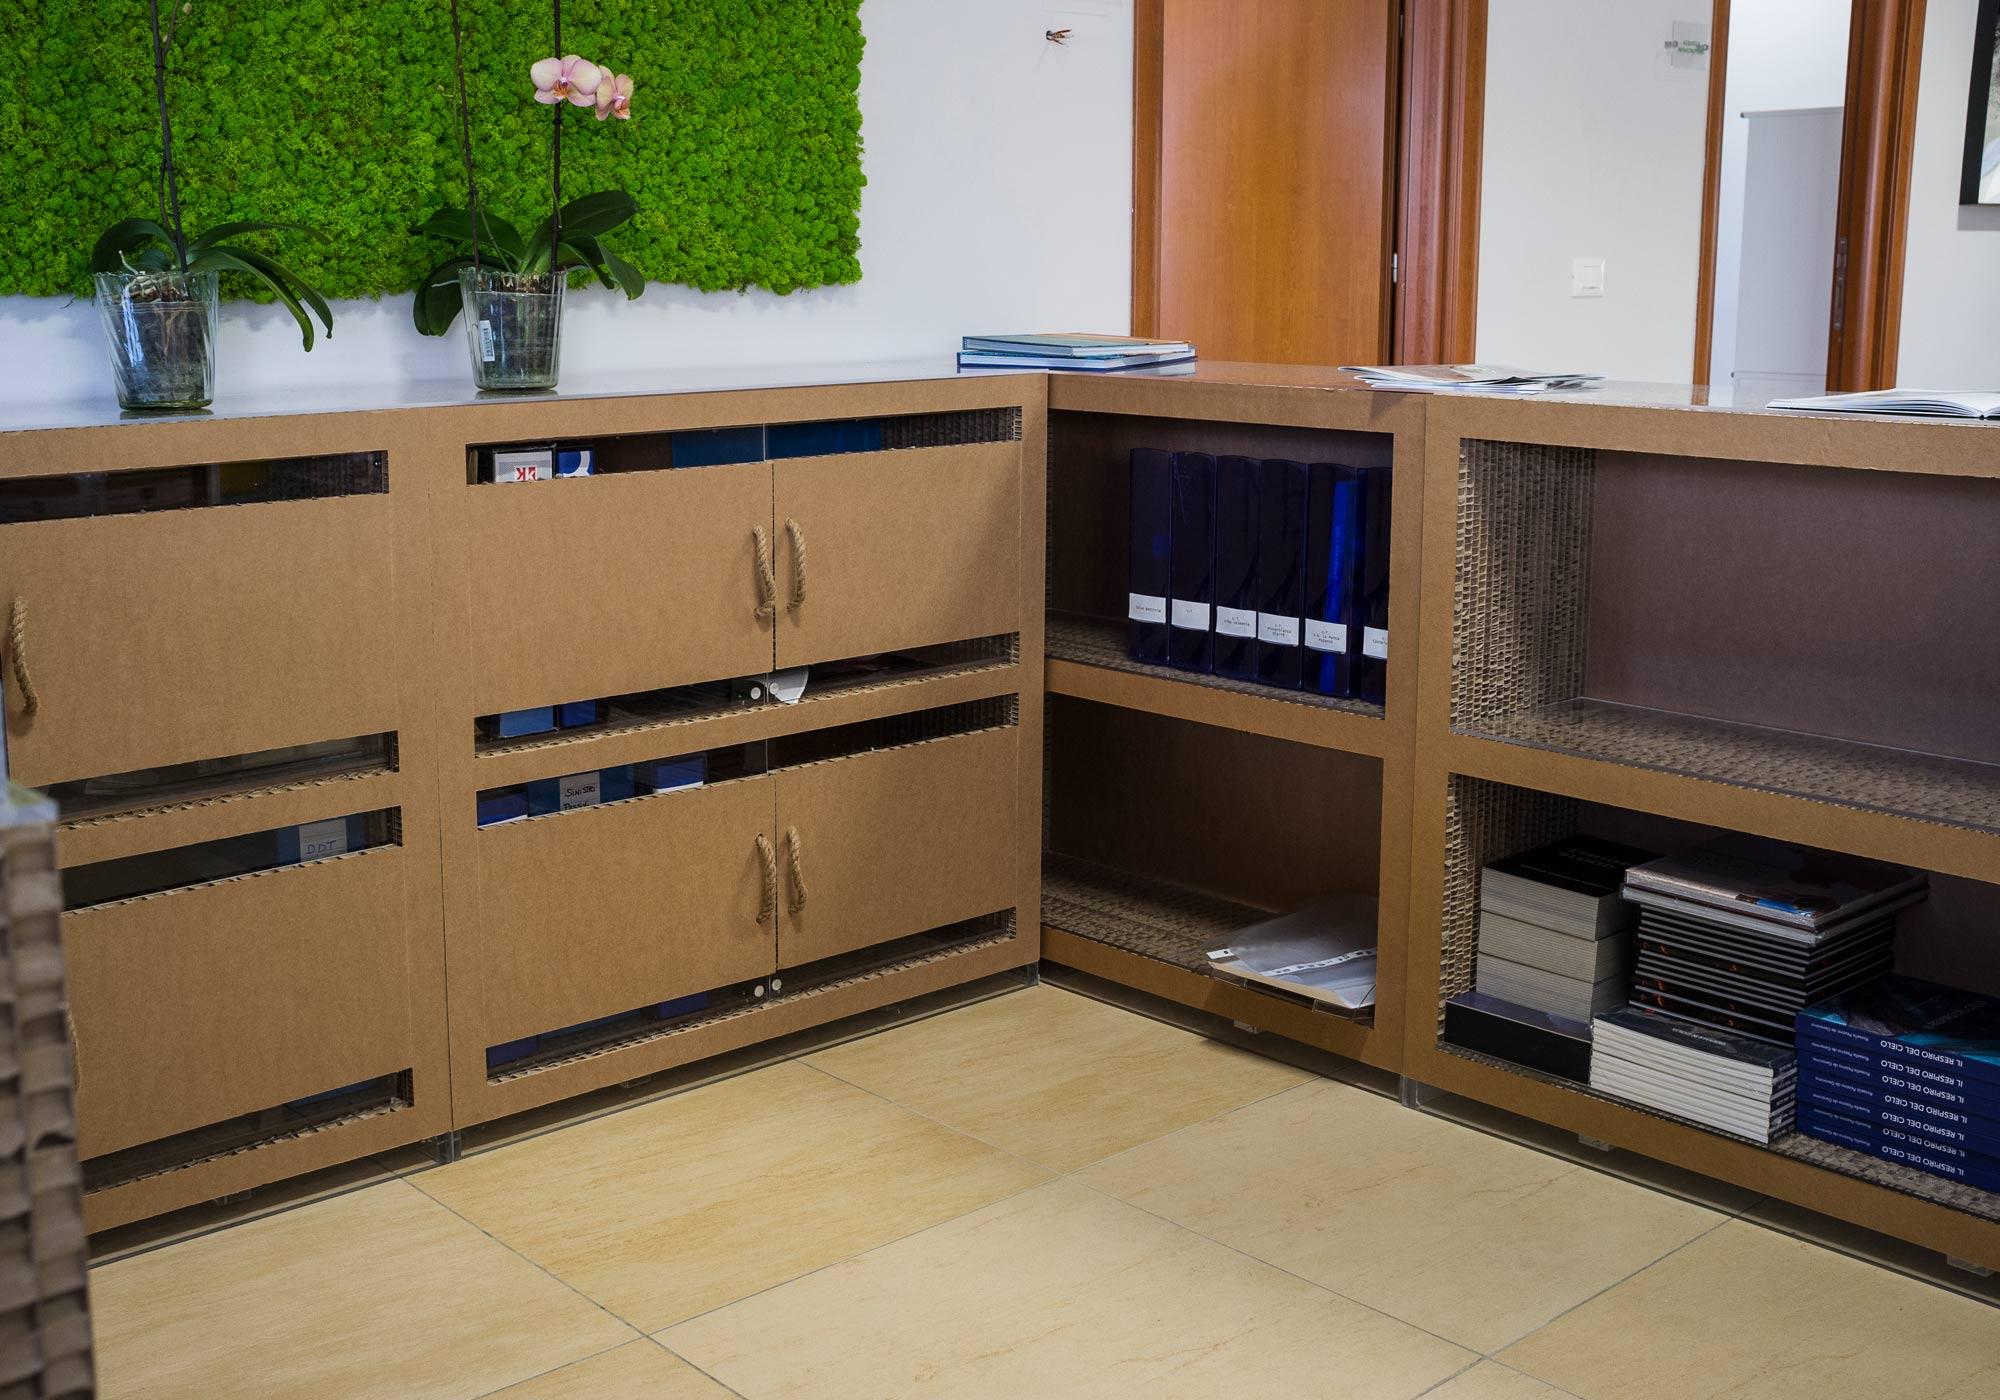 Mobili con materiali di riciclo perfect arredare casa con - Materiali per mobili ...